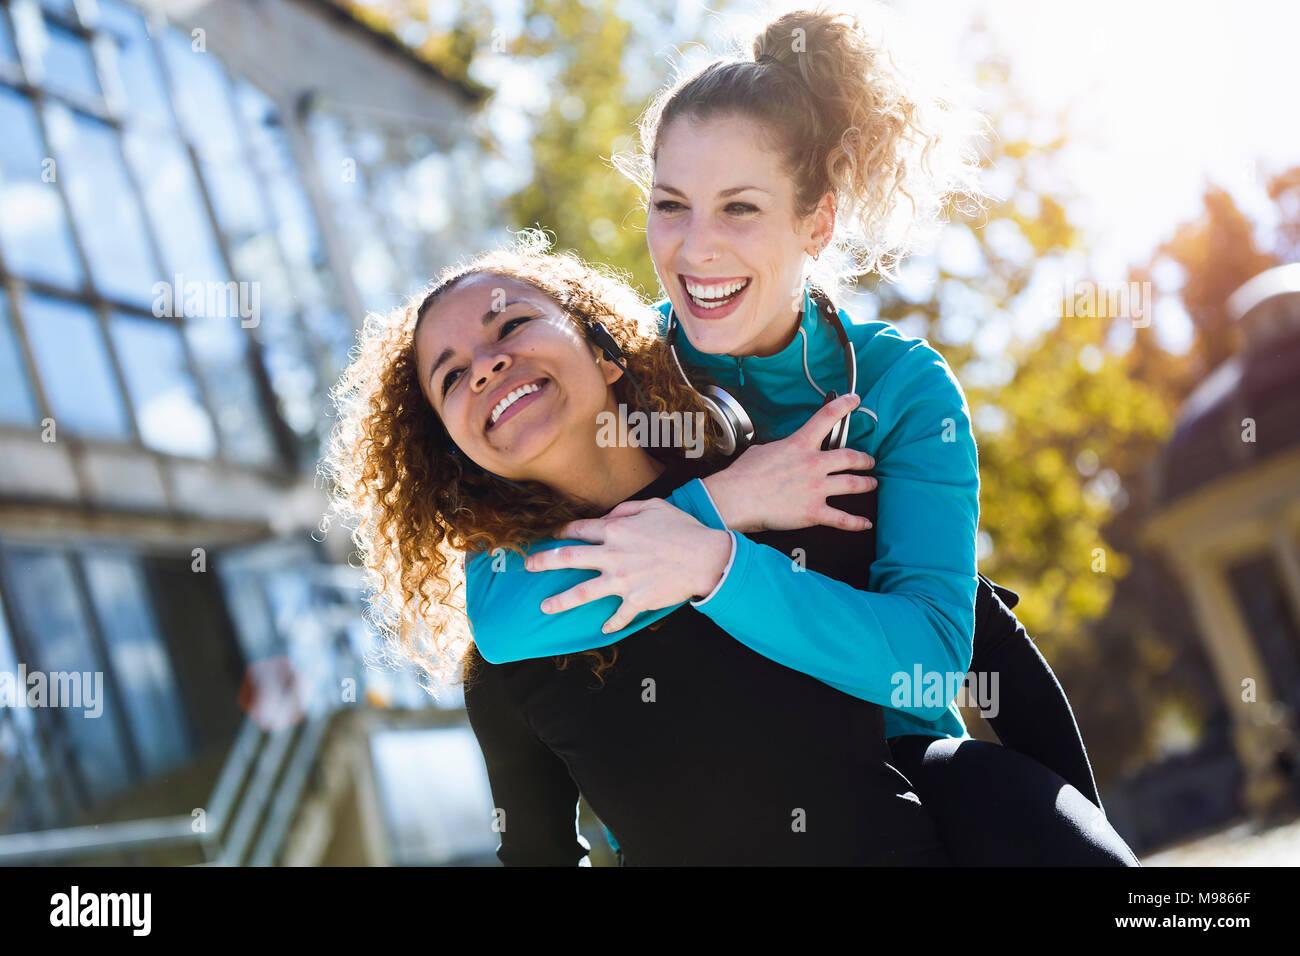 Glückliche junge Frau Freund Huckepack tragen Stockbild